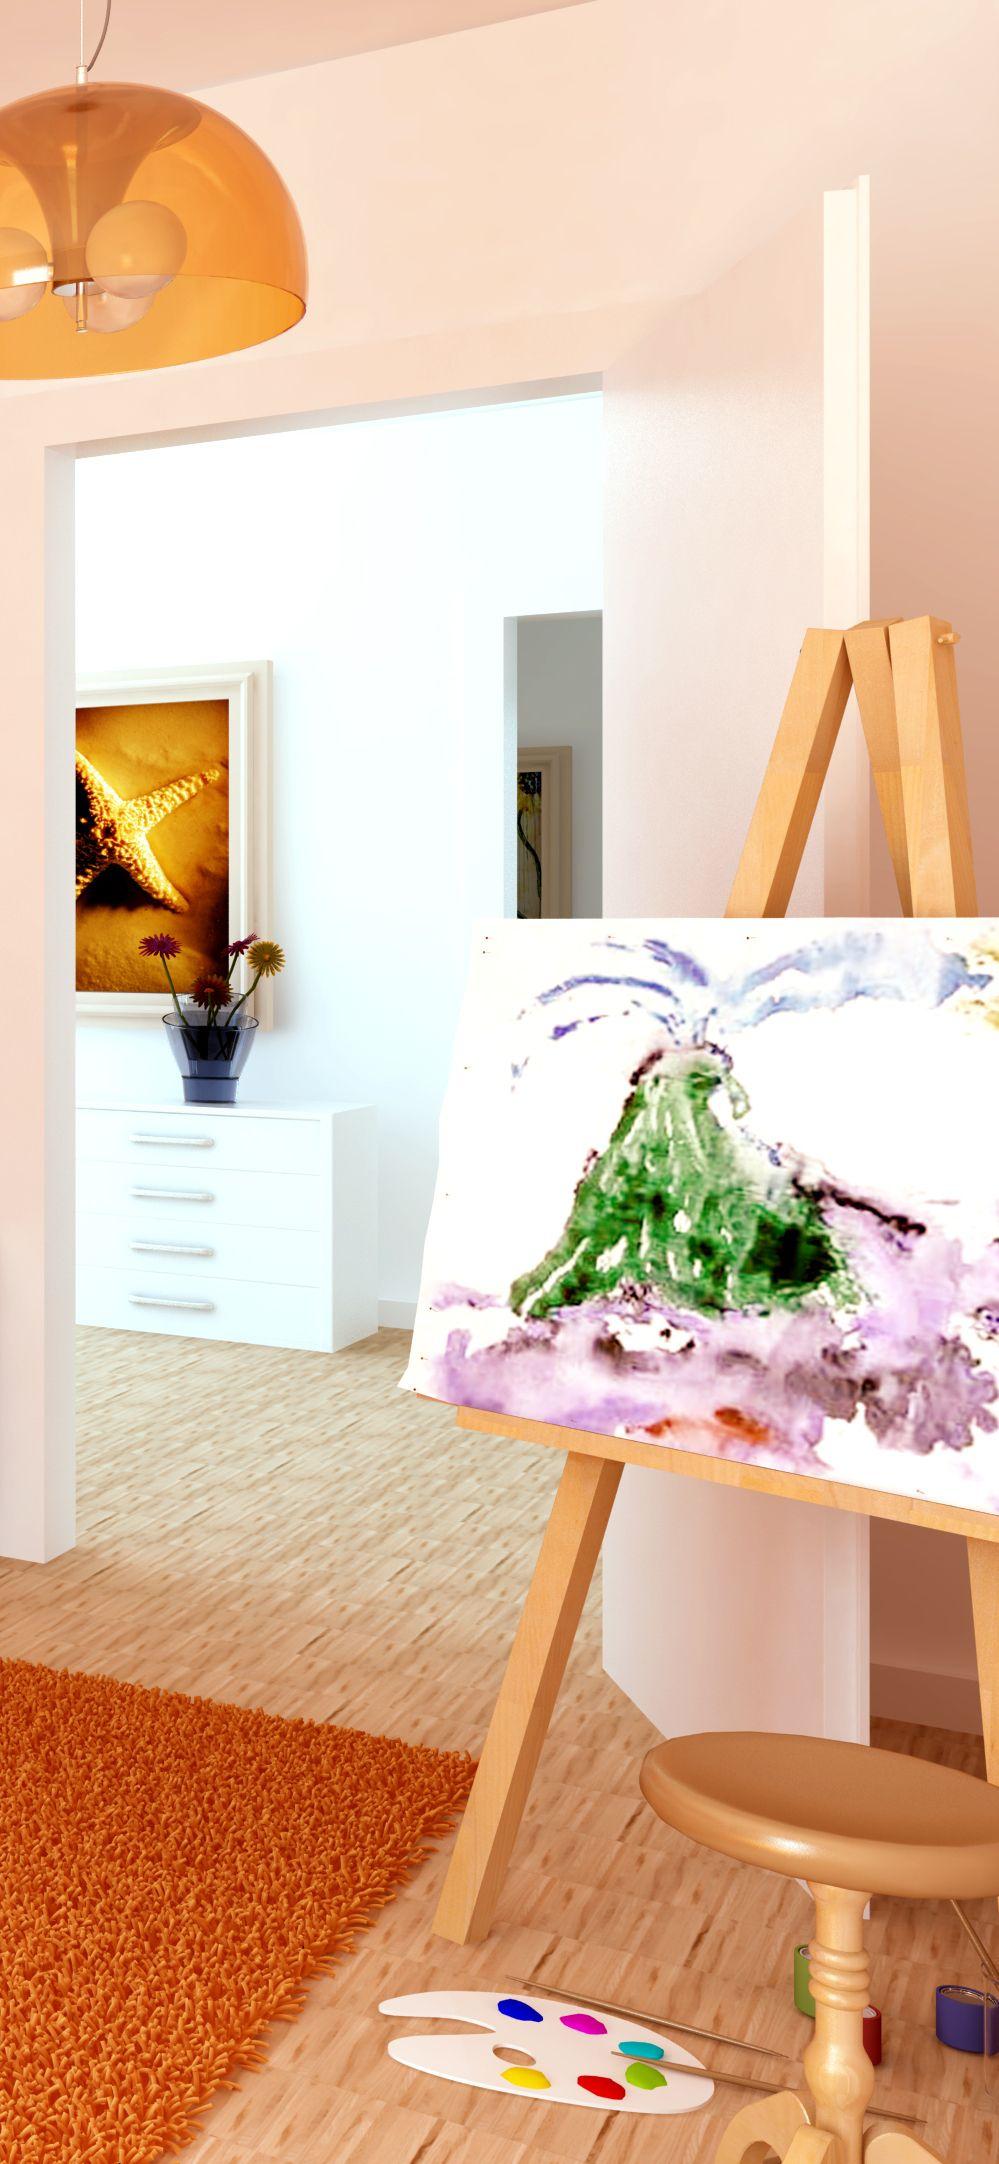 Für mehr Farbe im Kinderzimmer – eine kreative Ecke zum Malen und ...